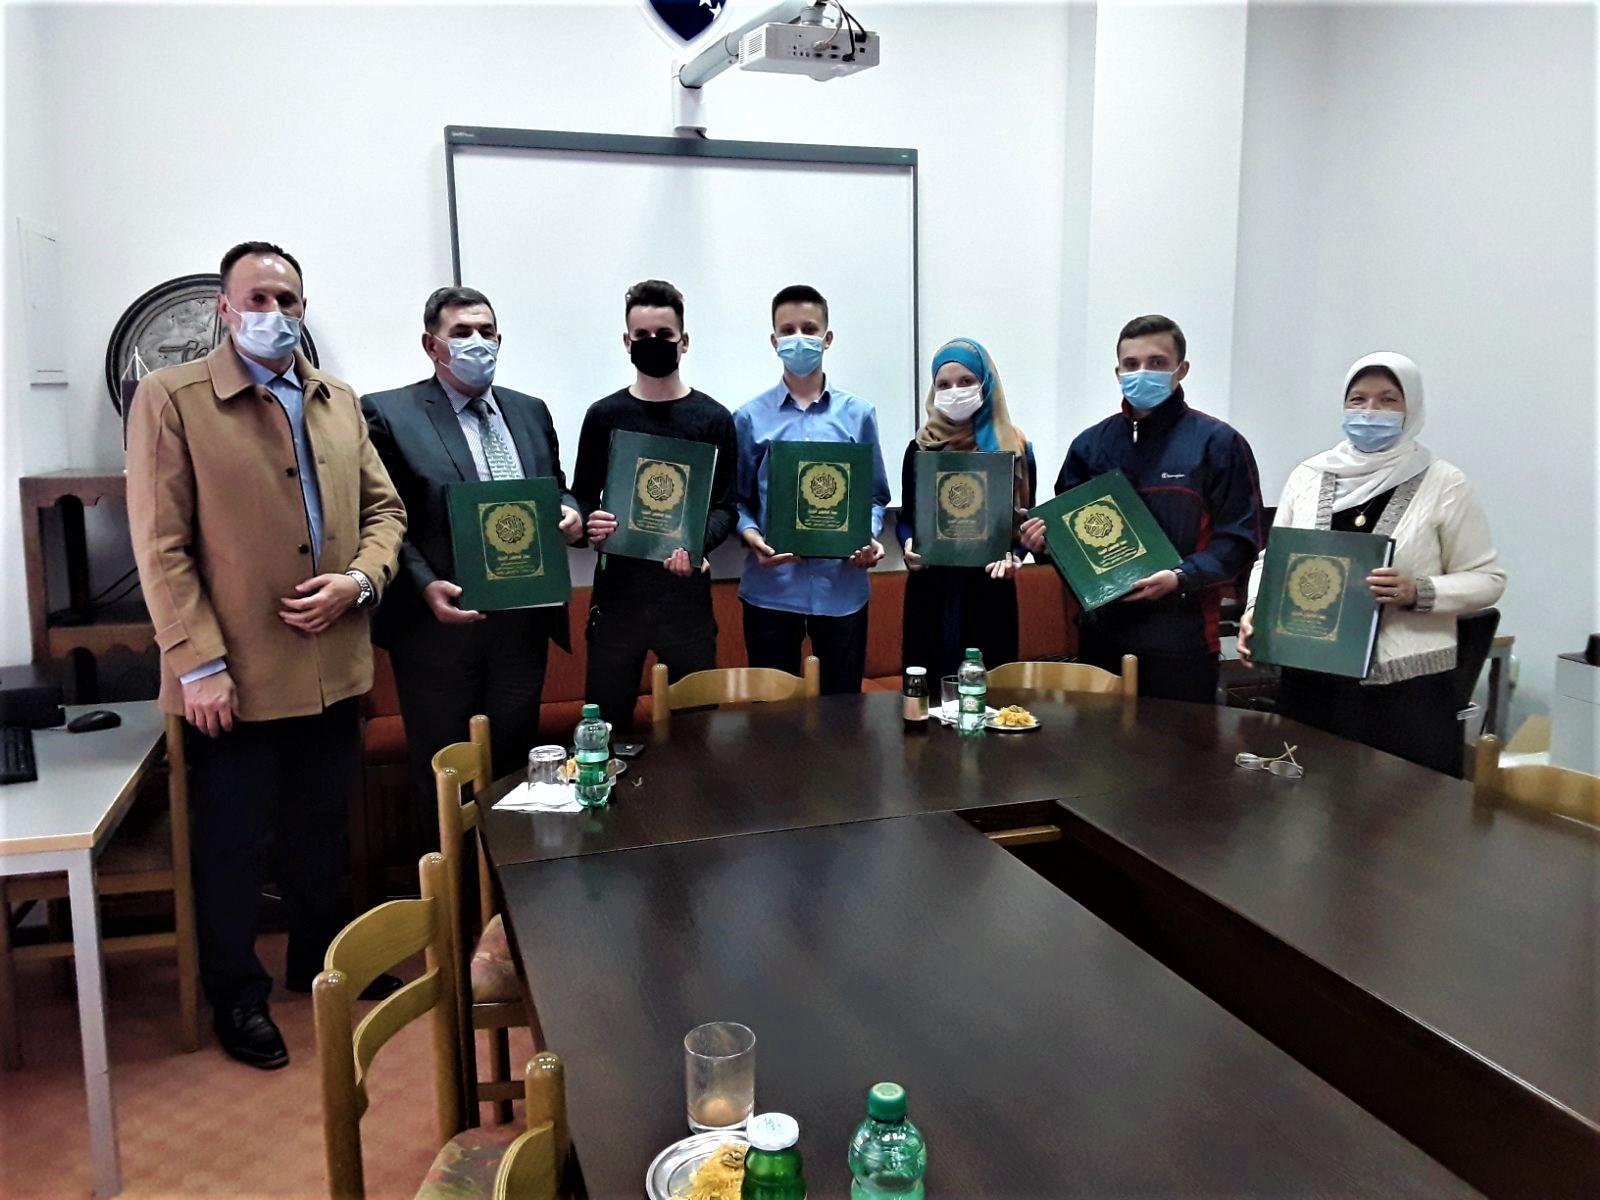 Foto: Učenici kolegi poklonili Mushaf na Brajevom pismu